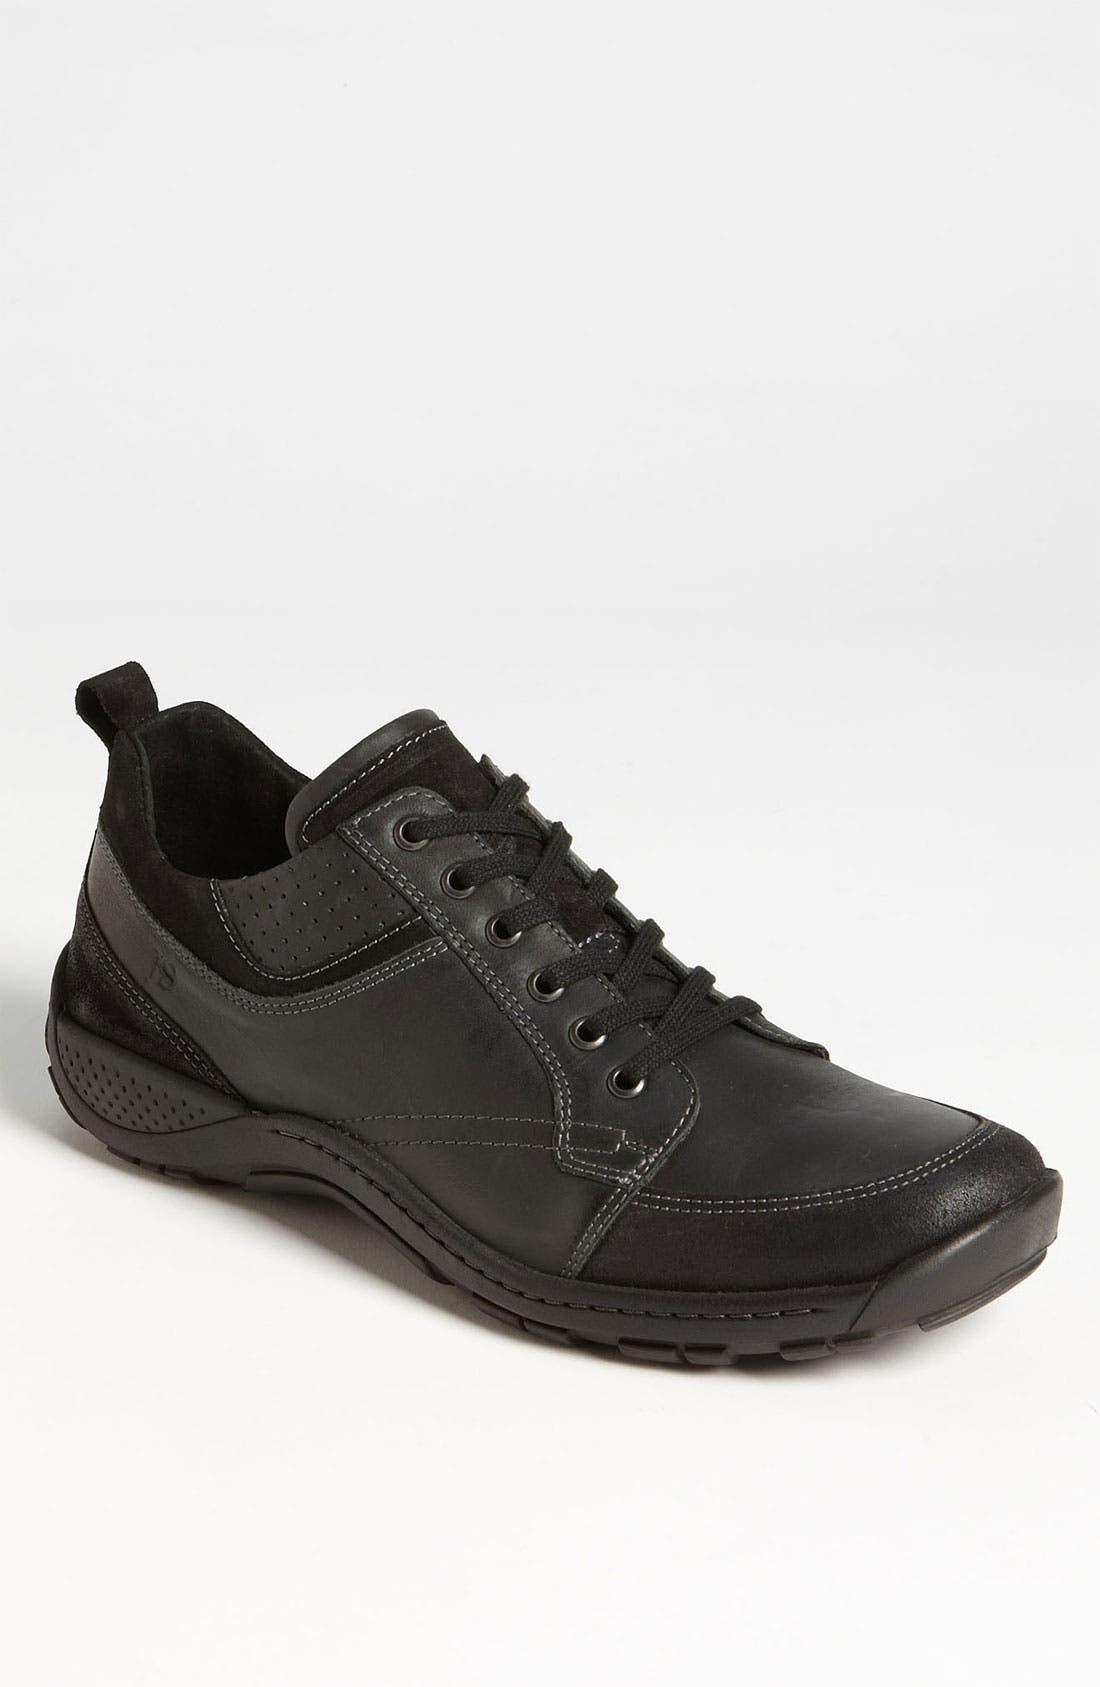 Main Image - Josef Seibel 'Nolan' Sneaker (Men)